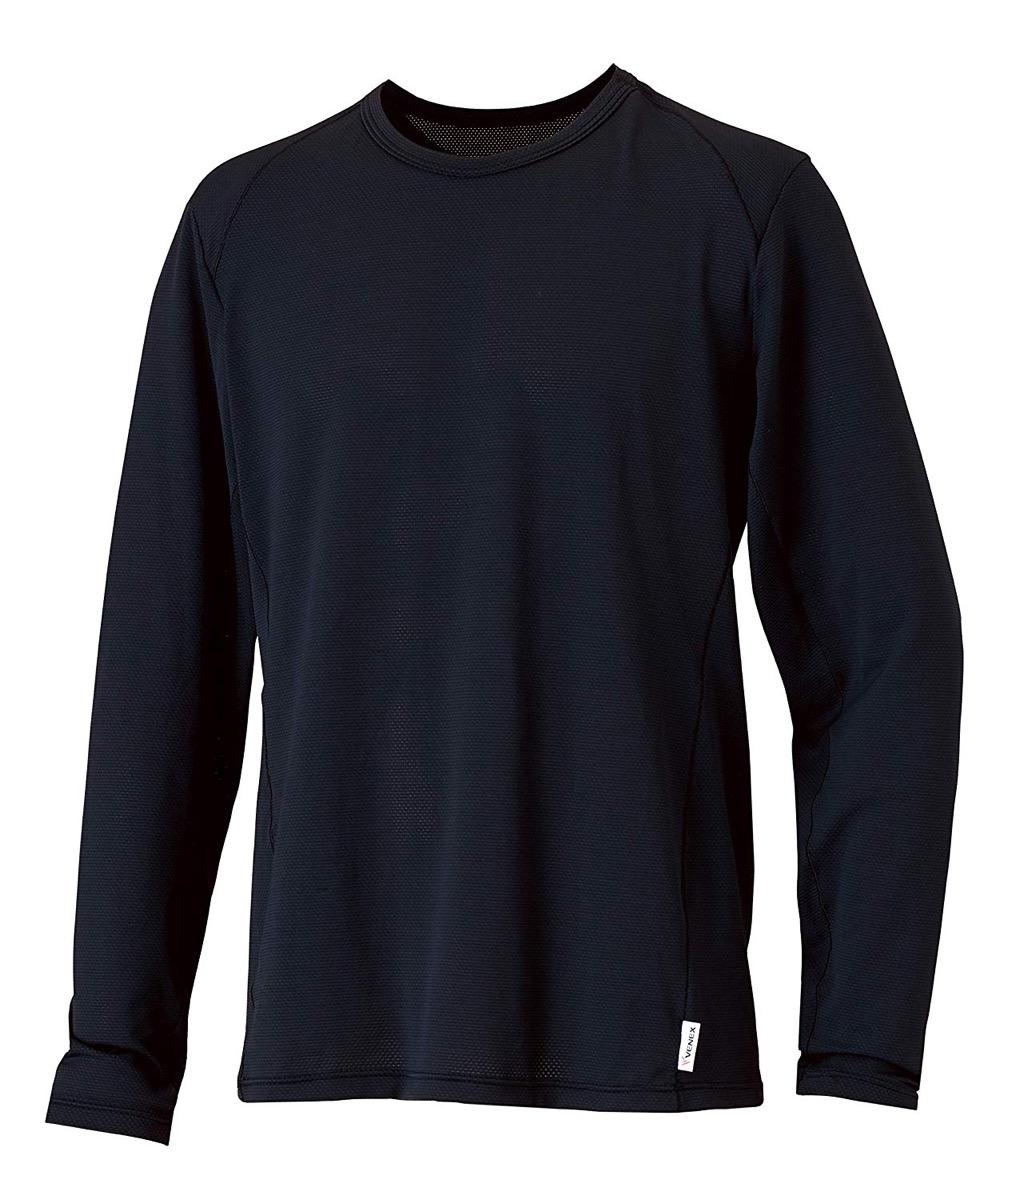 VENEX(ベネクス) リカバリーウェア フリーフィールクール トップス メンズ 部屋着 半袖 長袖 接触冷感 インナー パジャマ 疲れとり 疲労回復 快眠 安眠 (長袖/ブラック, L)